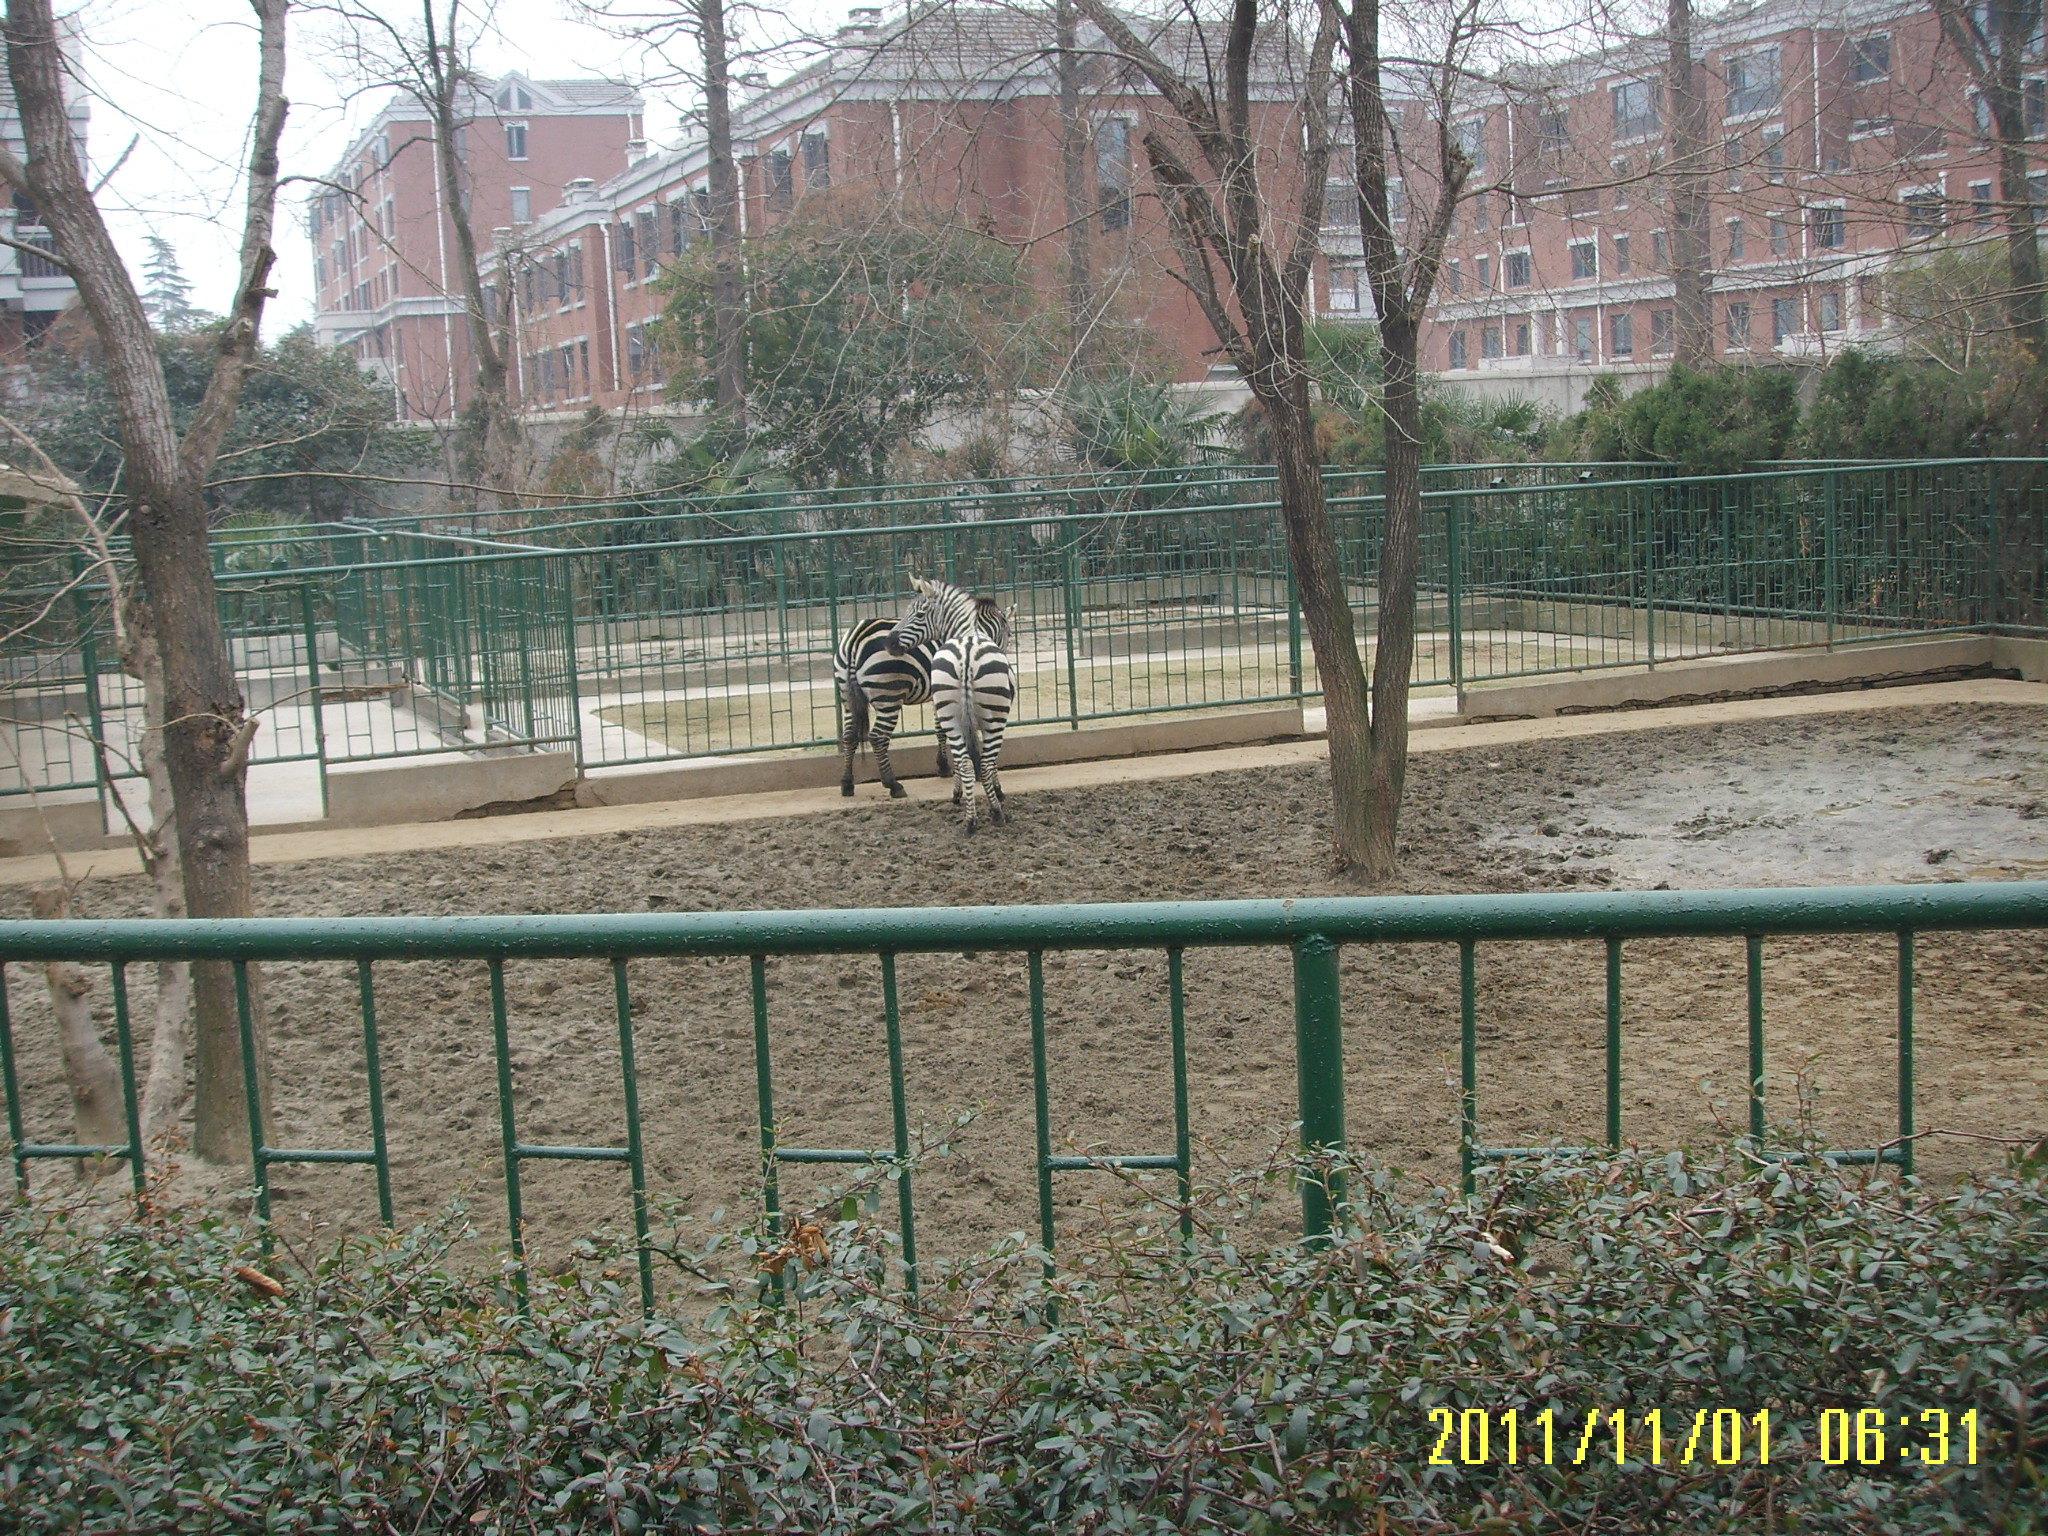 红山森林动物园位于南京玄武湖北面,距离南京火车站很近,由原来的南京玄武湖动物园迁移到此而建。园区很大,动物种类很多,可以看动物表演,还有儿童乐园,和所有城市动物园一样,特别适合带小朋友来玩。 红山森林动物园依山而建,园内有三座山,要做好爬山的准备。东大门进去是主峰大红山,海拔80米左右,山顶有仿六朝建筑大壮观阁,高三层,老远就能看见它,大红山设有猛兽区;北大门进去是小红山,设有鸟类区;西南边的沈阳村大门进去是放牛山,设有食草动物区、灵长动物区。从三扇大门的任何一扇进园都行,无特殊讲究,园中岔道很多,建议玩